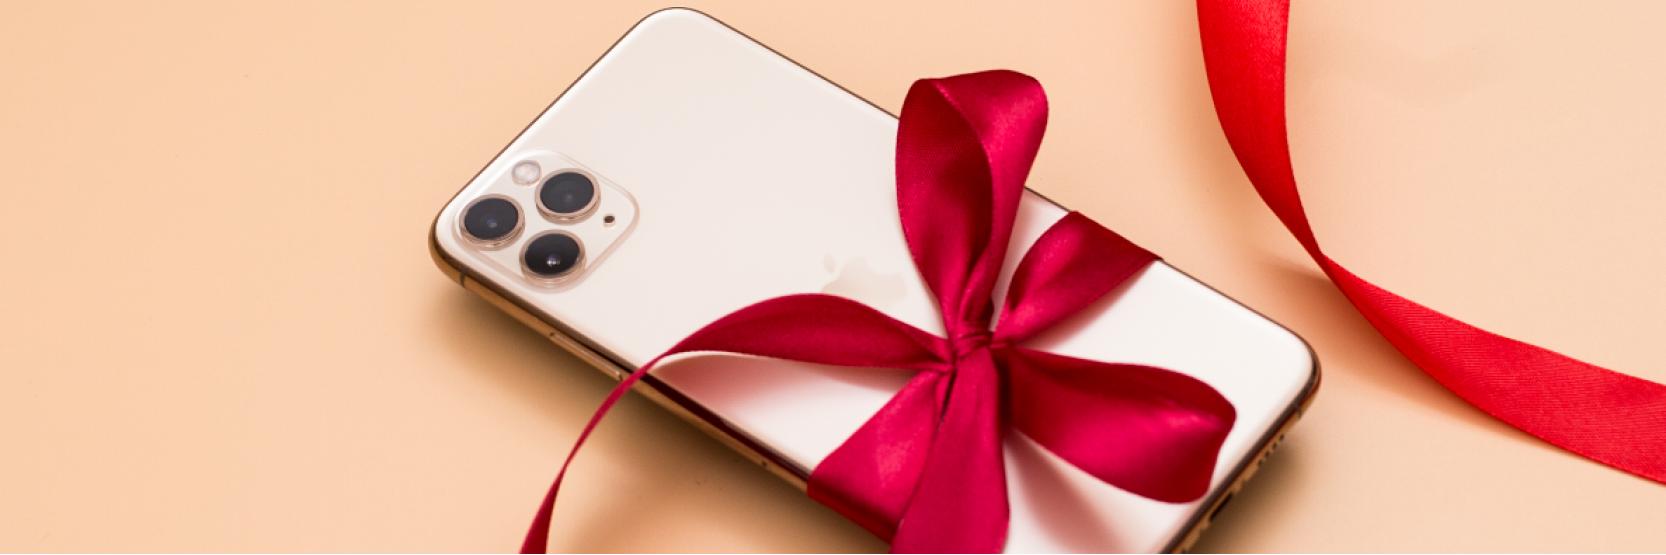 أشياء يجب مراعاتها عند اختيار هاتف محمول كهدية